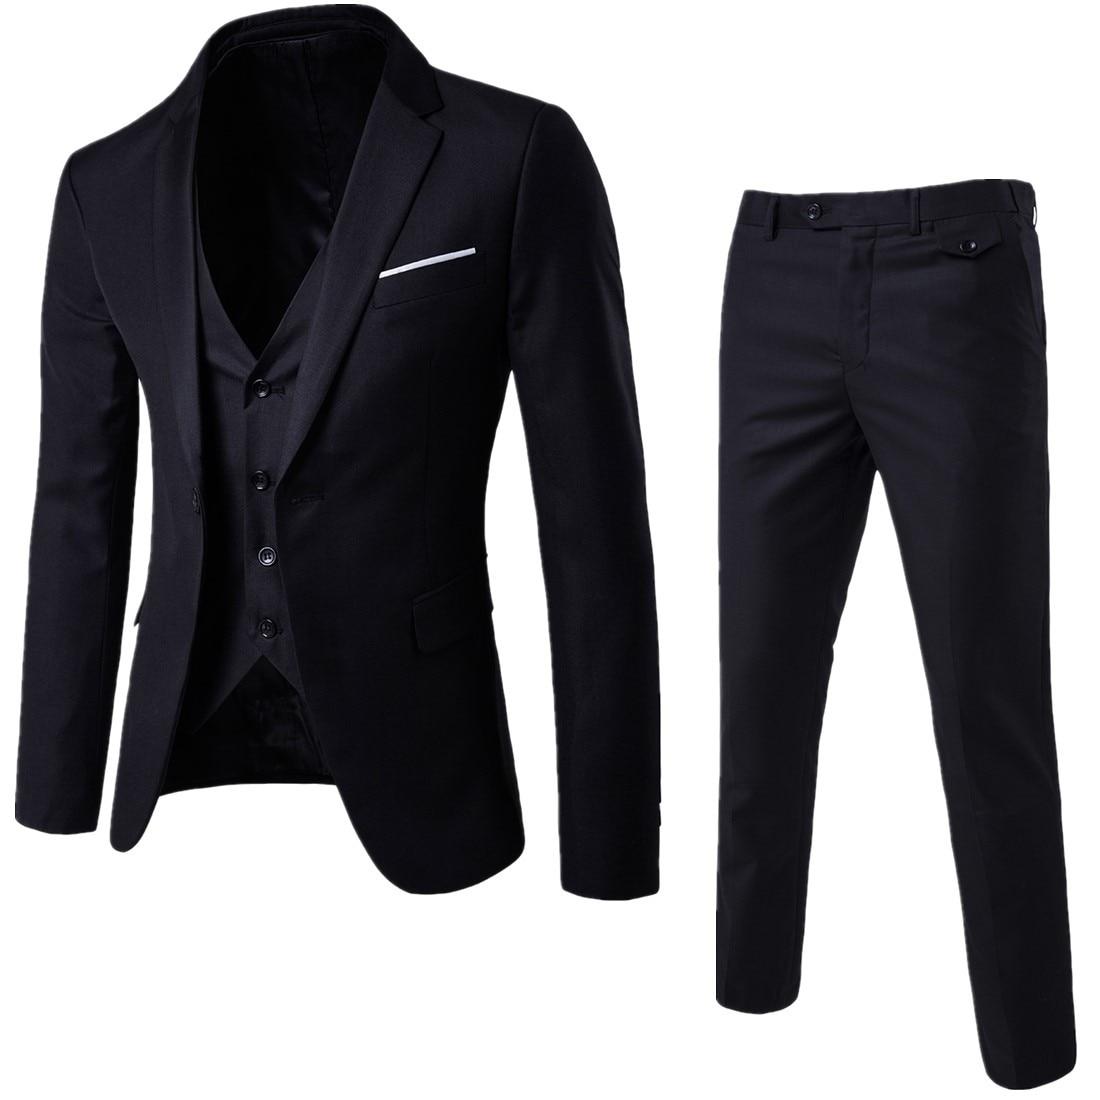 Suit MEN'S Suit Work Clothes Business Formal Wear Large Size Suit Two-Piece Set Plus-sized 223